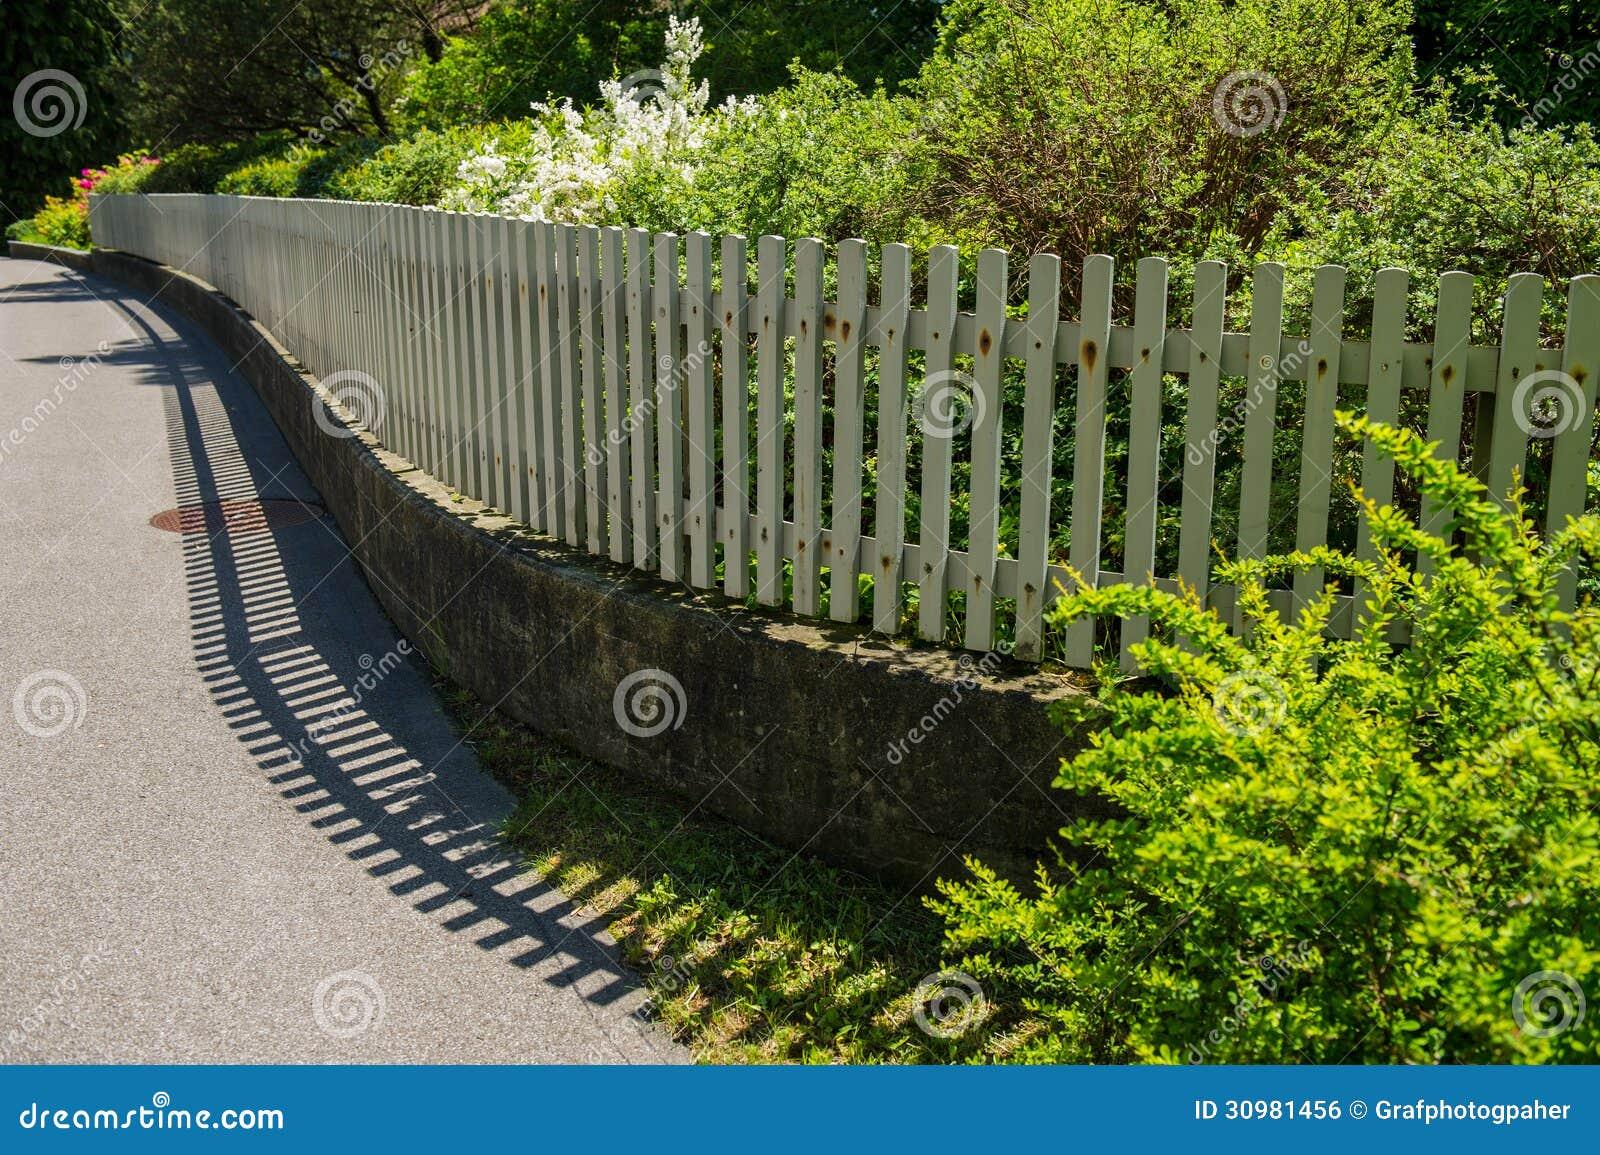 zaunschutz stockfoto. bild von ansicht, sommer, tageslicht - 30981456